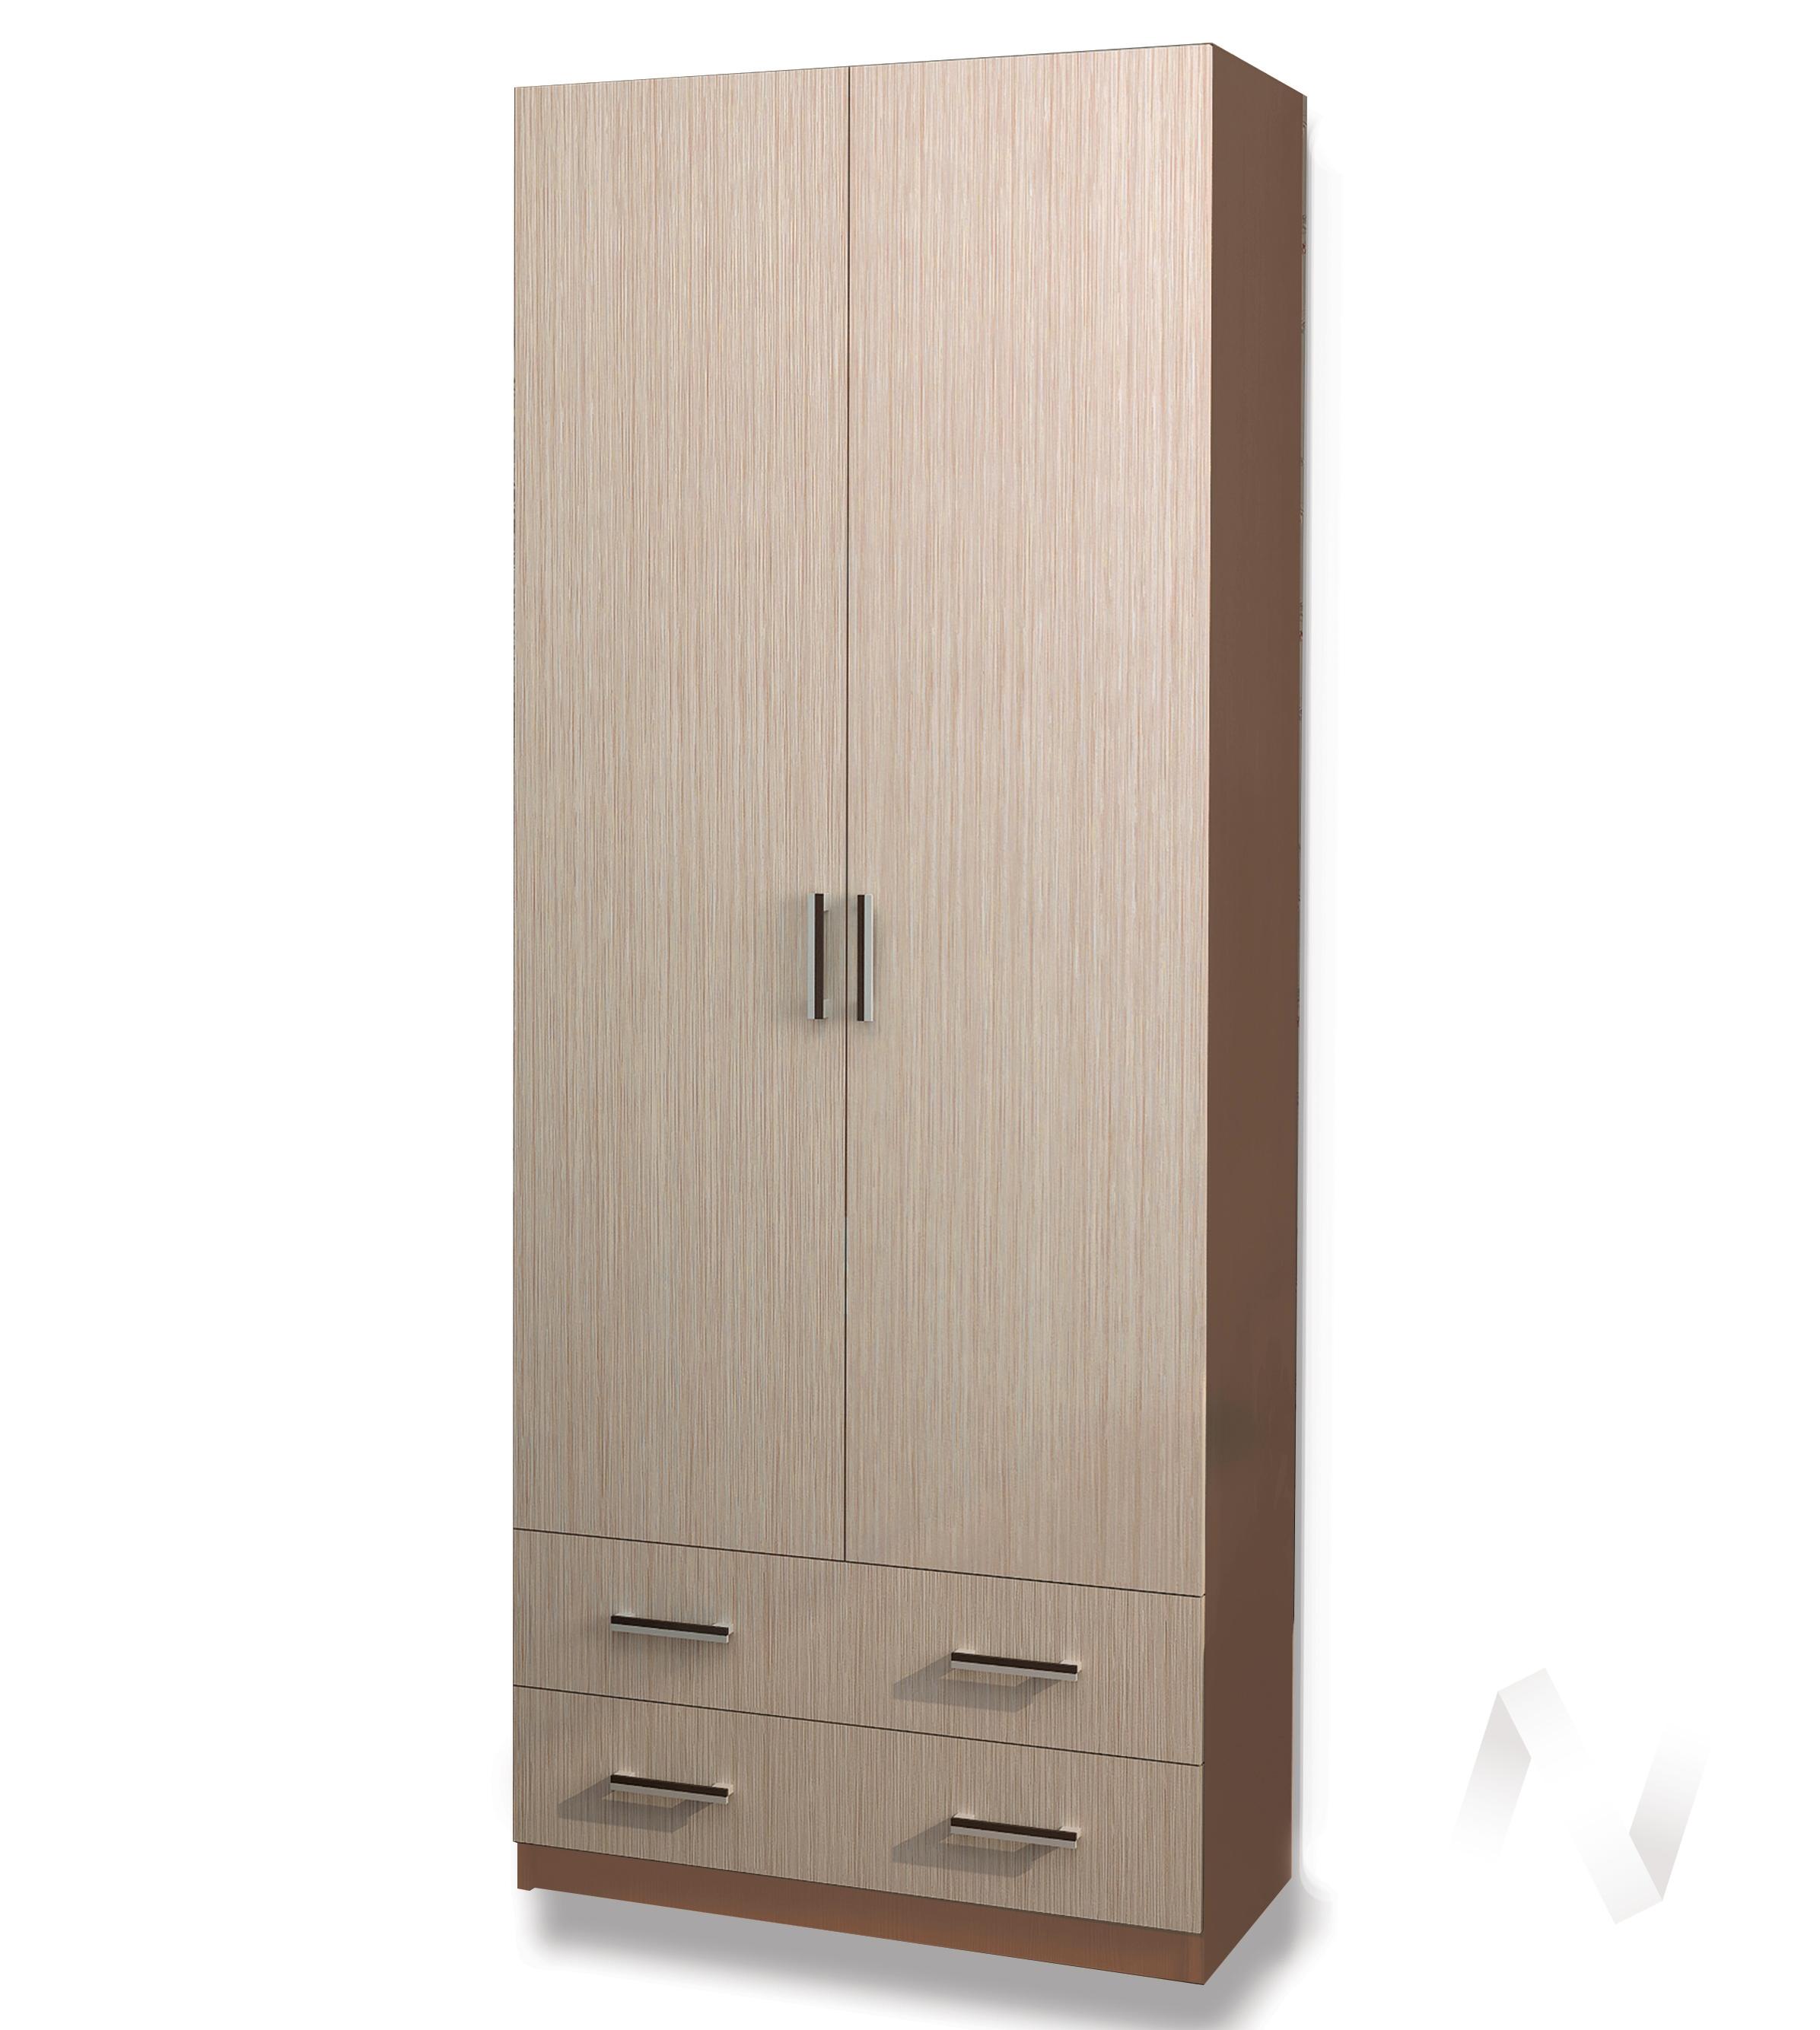 Шкаф Дуэт 2-х створчатый (шимо темный/шимо светлый)  в Томске — интернет магазин МИРА-мебель